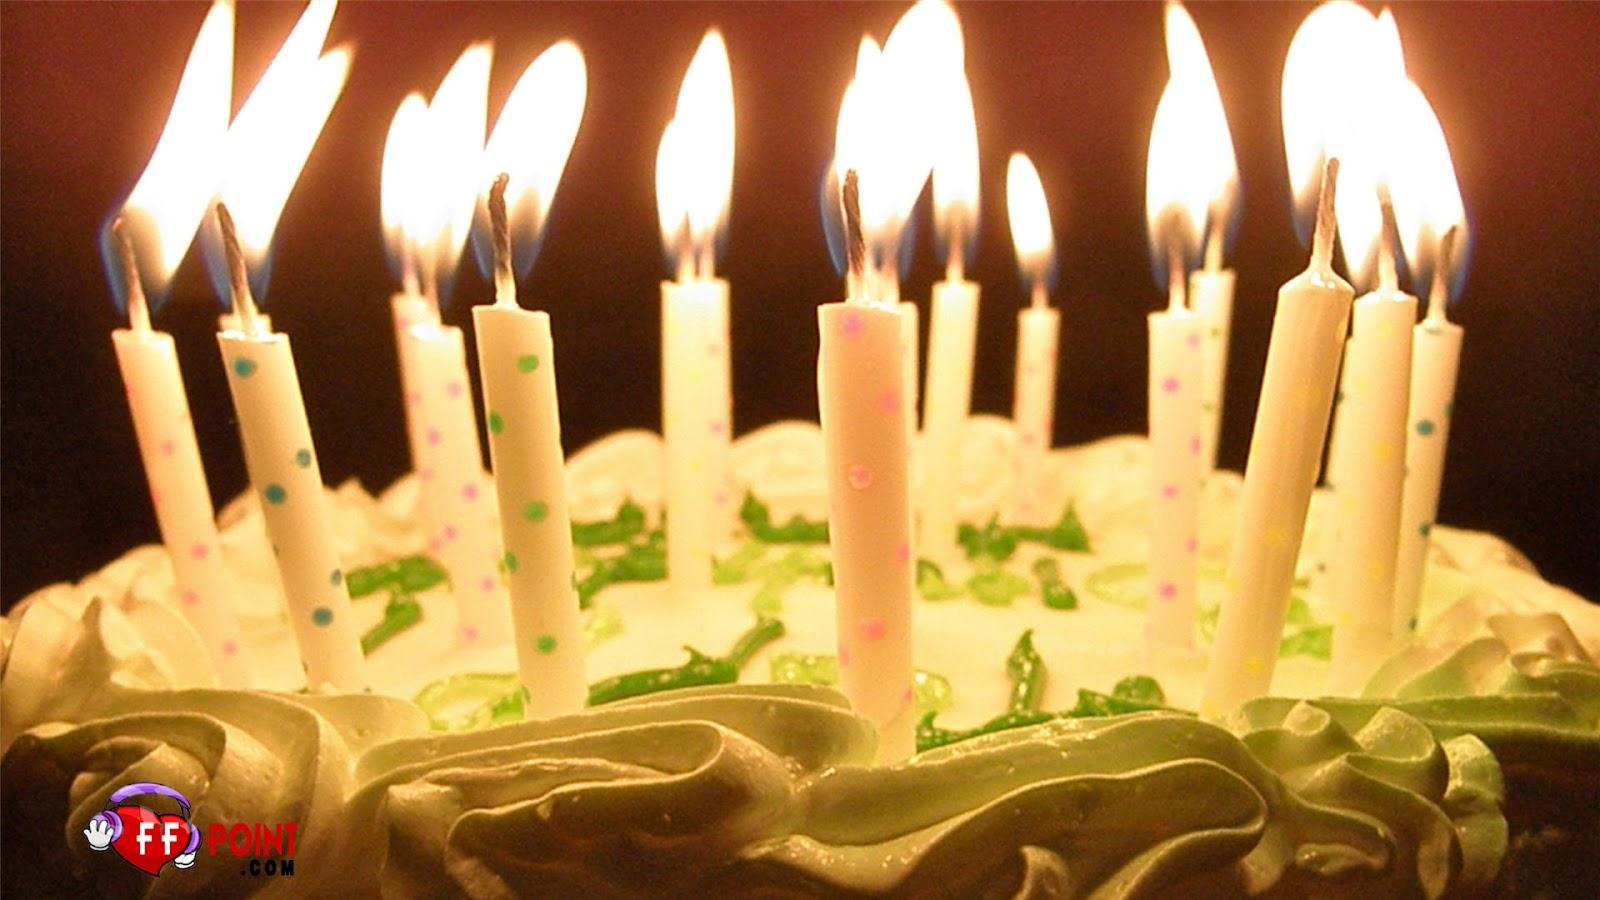 http://2.bp.blogspot.com/-VpRQ8XCzsIg/UEDU8OH-nOI/AAAAAAAAO3A/LRFQr4ZeQ44/s1600/happy+birthday+wallpapers+006+www.ffpoint.jpg